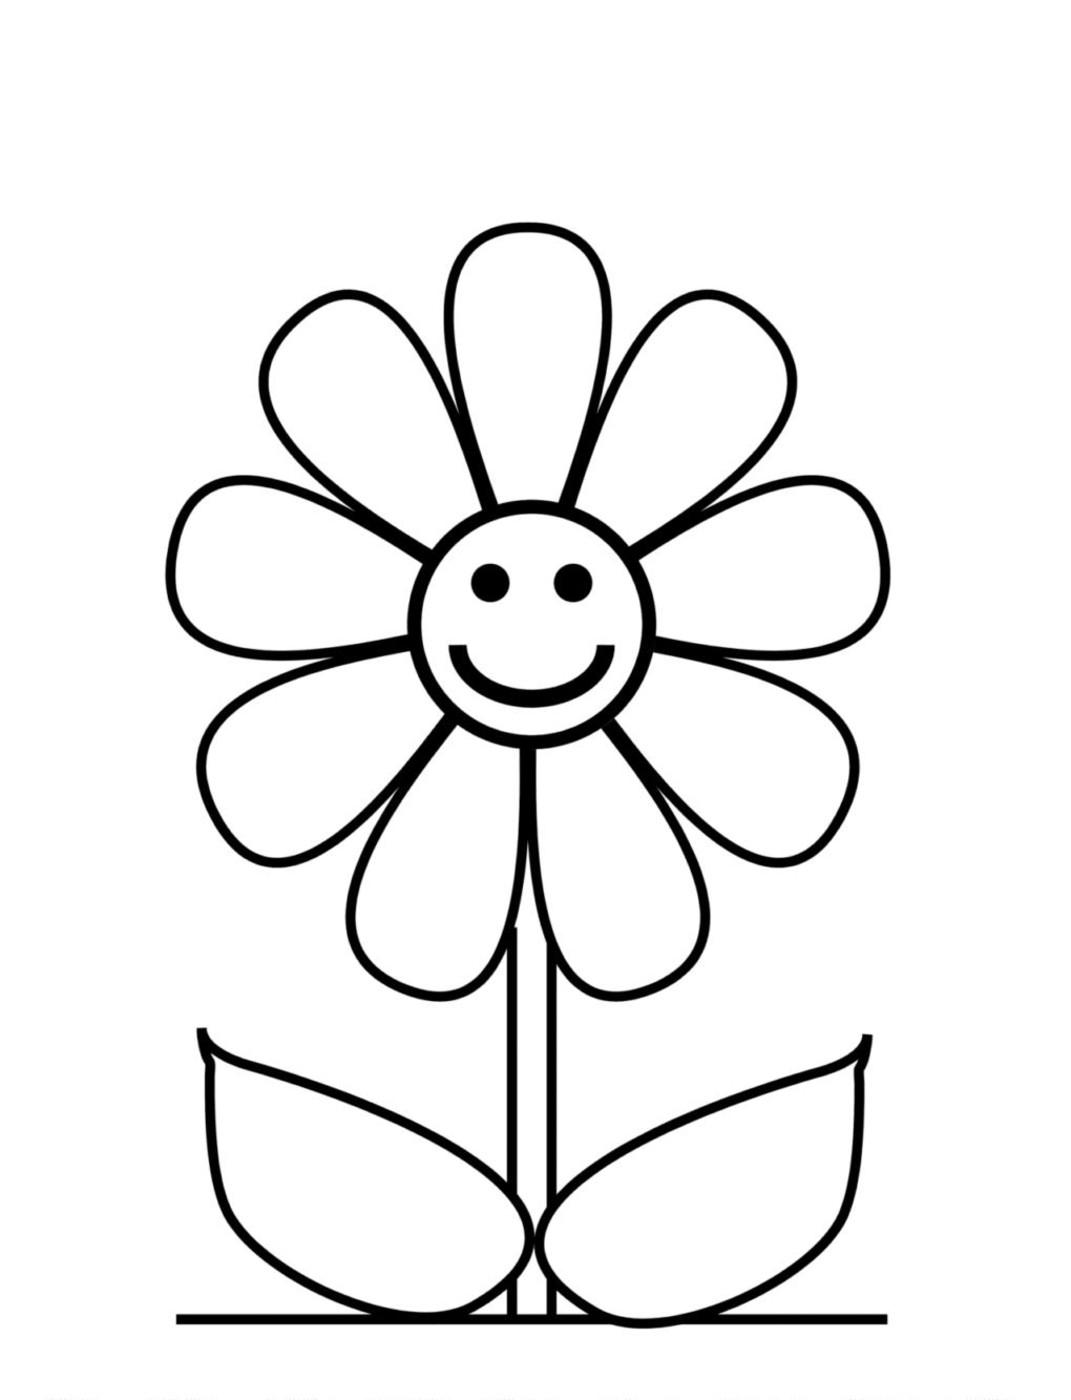 fleur dessins à colorier fleur dessins à colorier fleur dessins à colorier